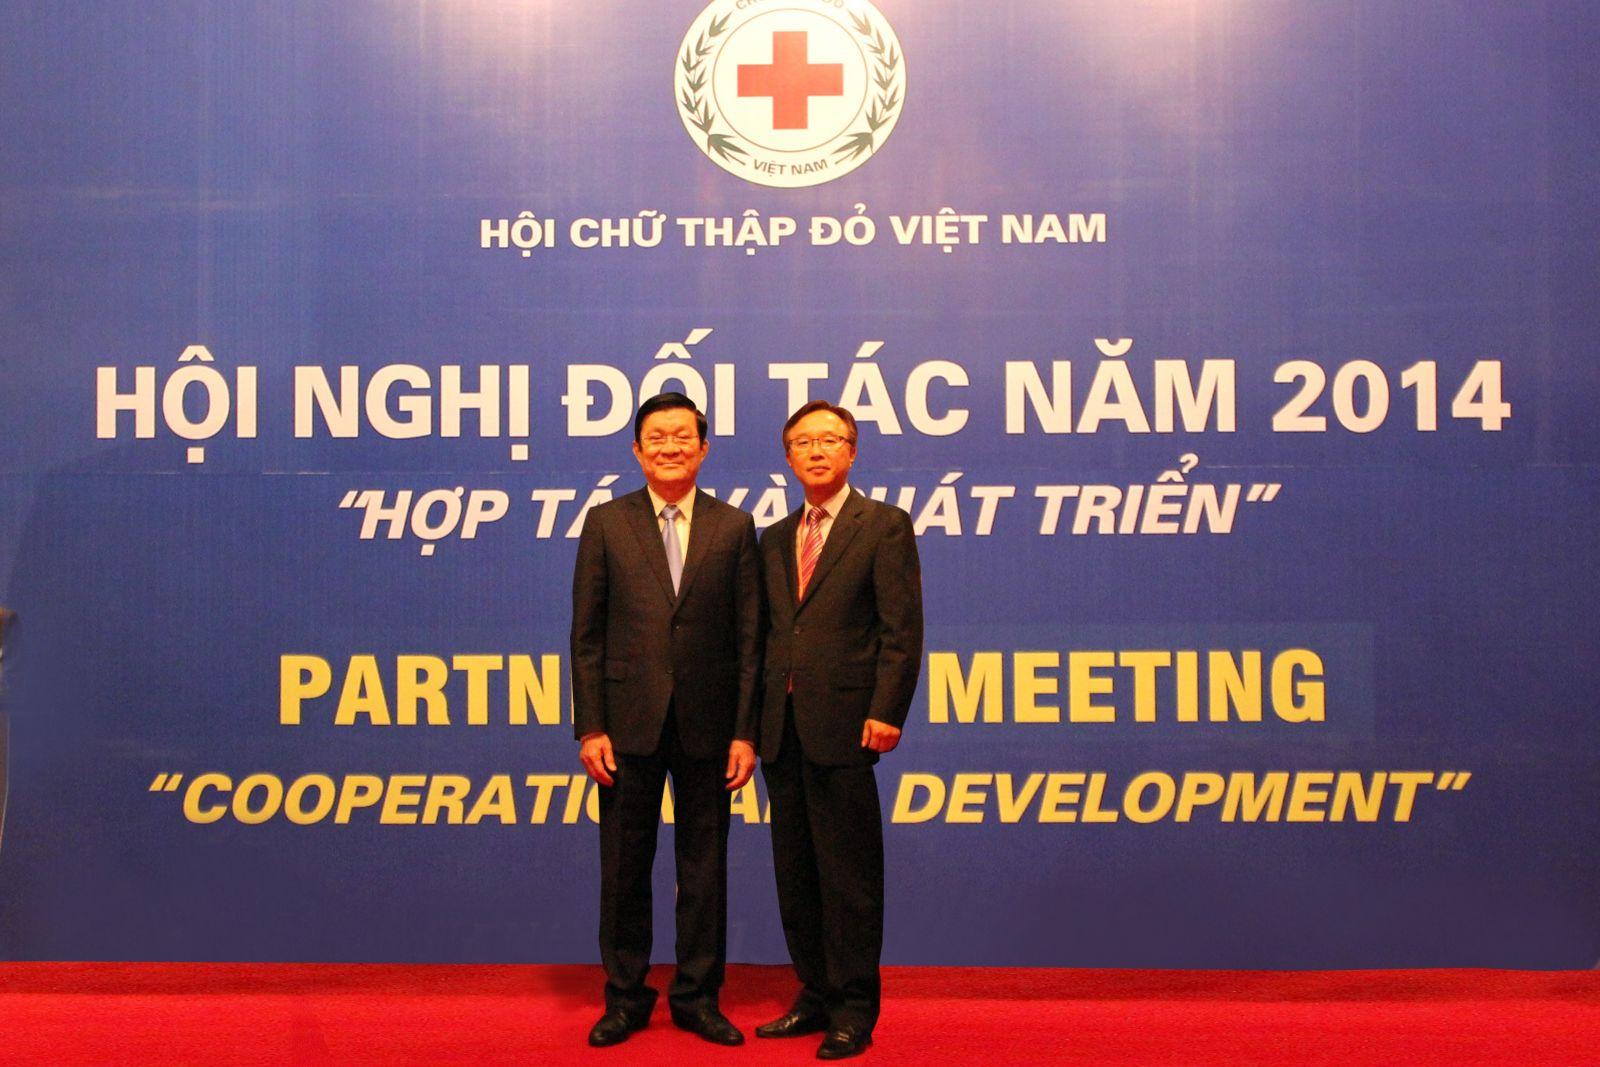 배트남 중앙적십자의 파트너회의 참여